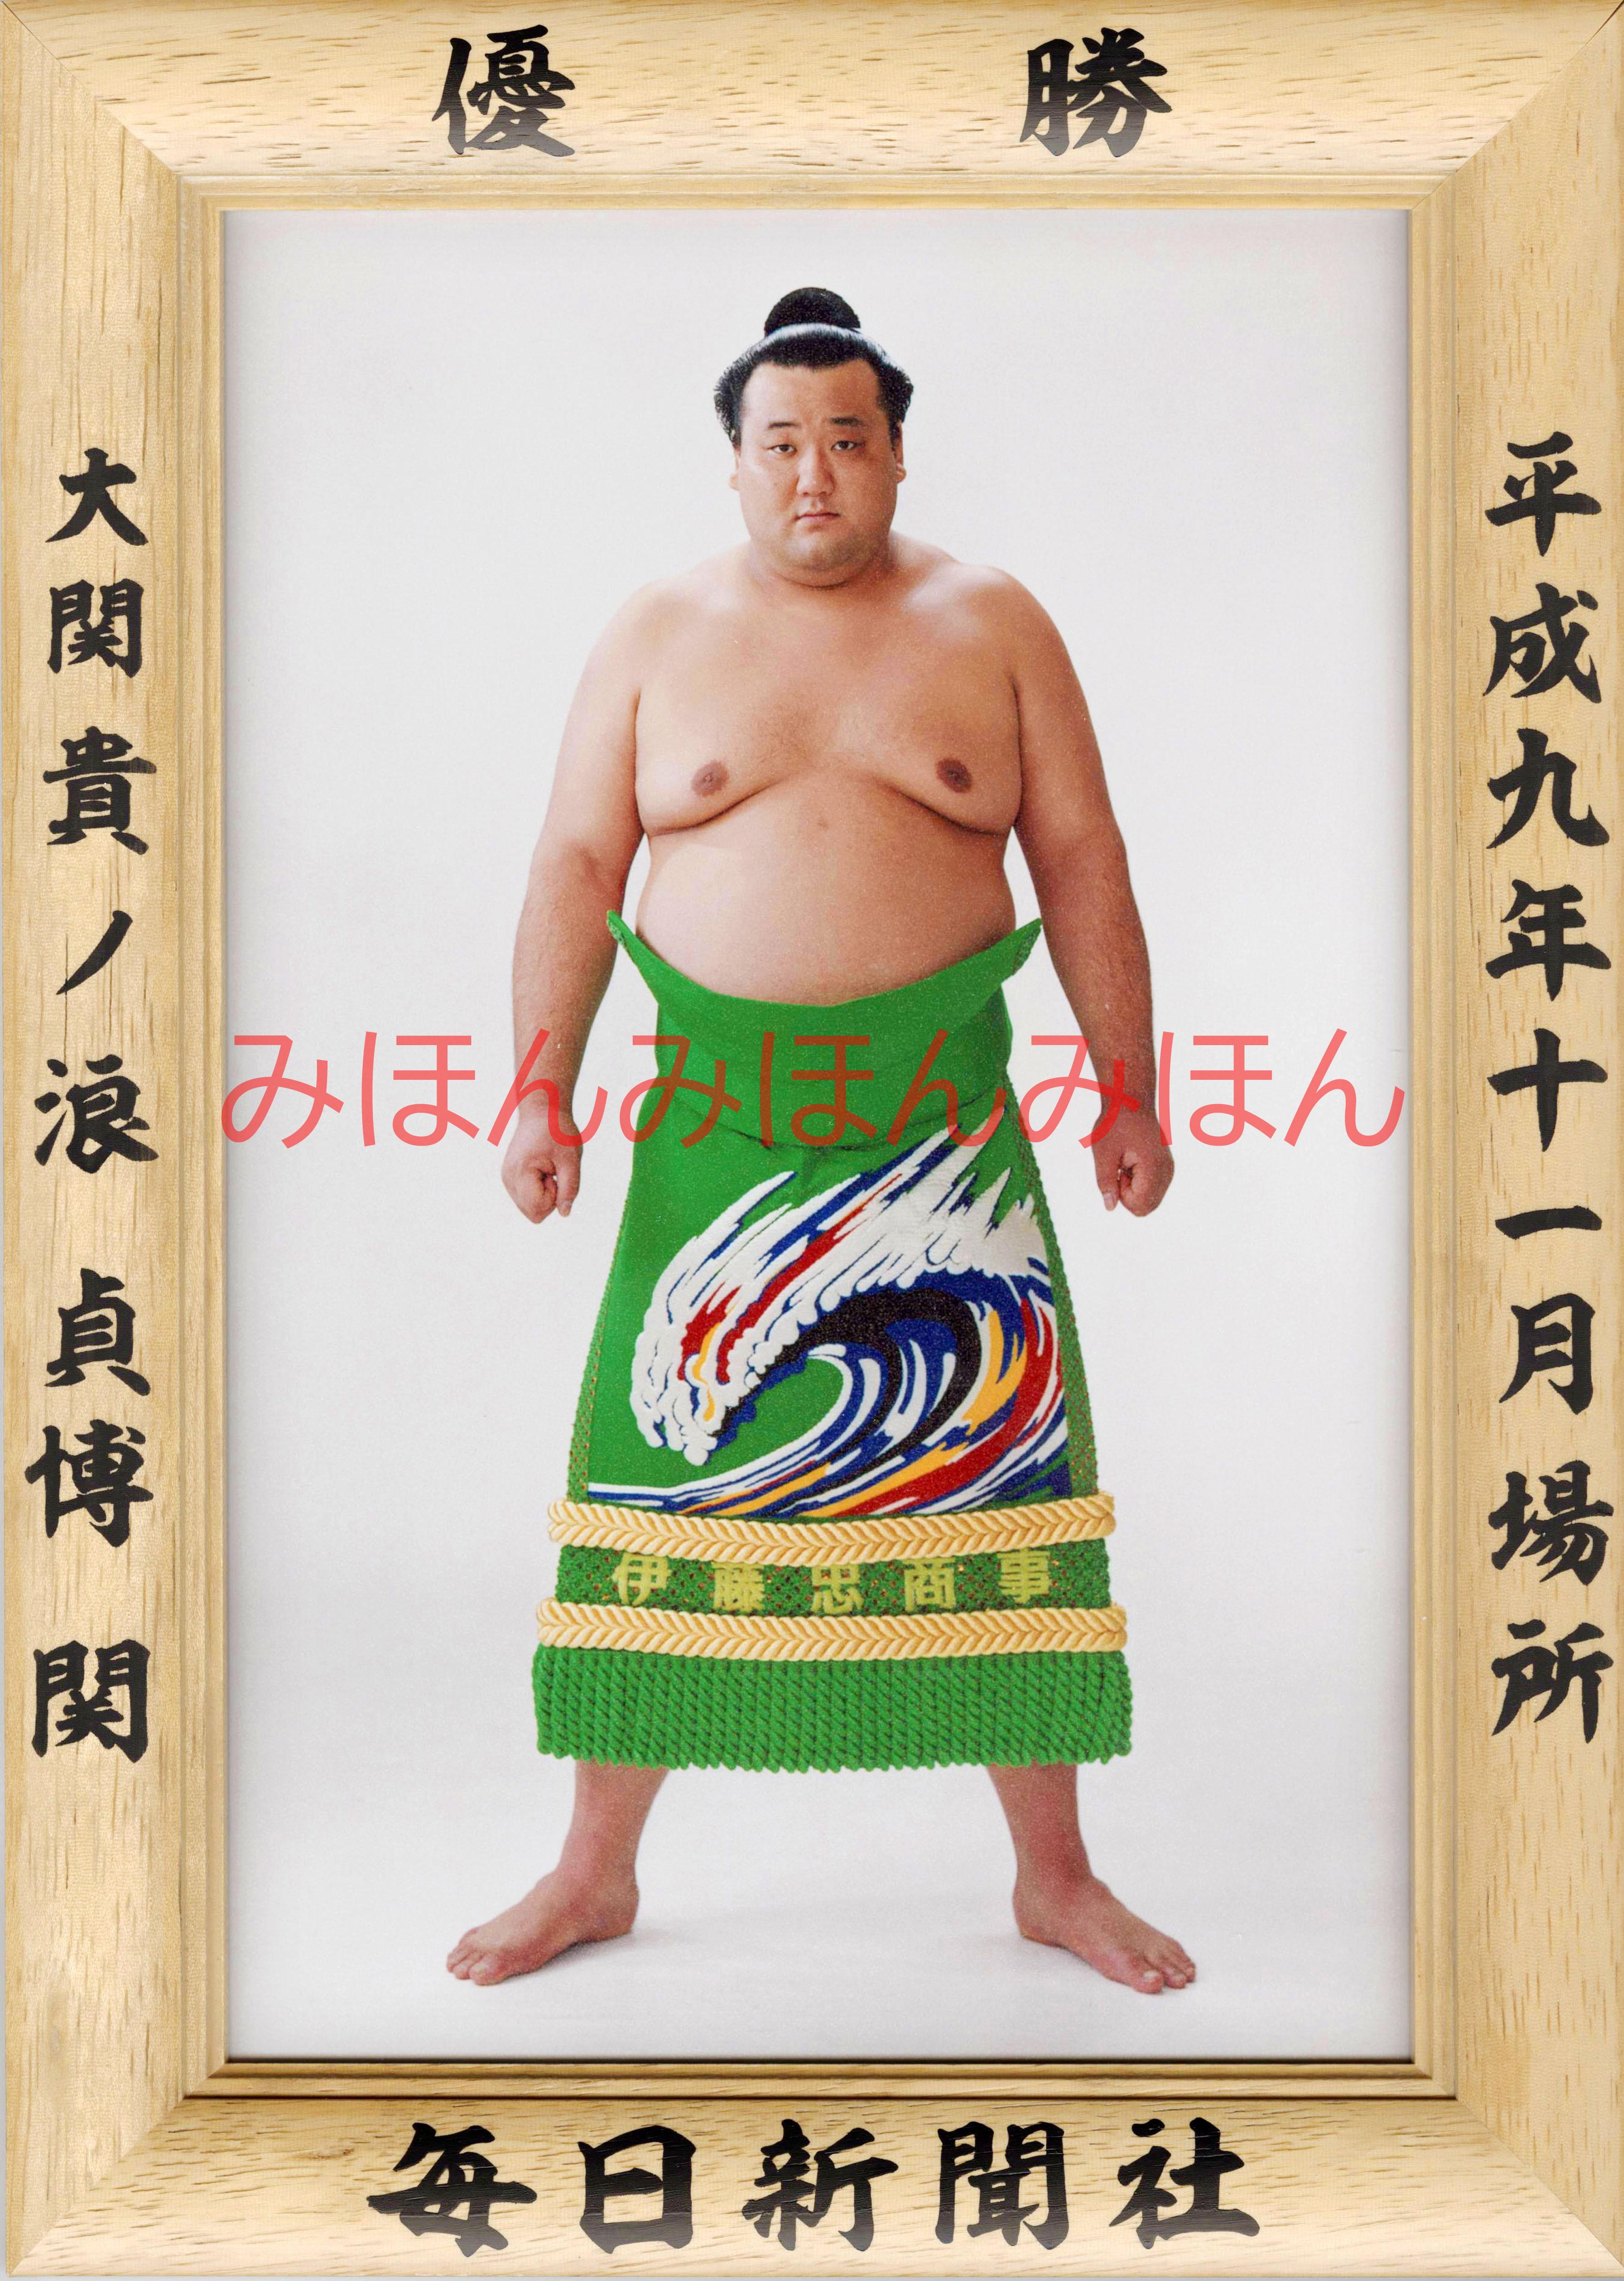 平成9年11月場所優勝 大関 貴ノ浪貞博関(2回目の優勝)